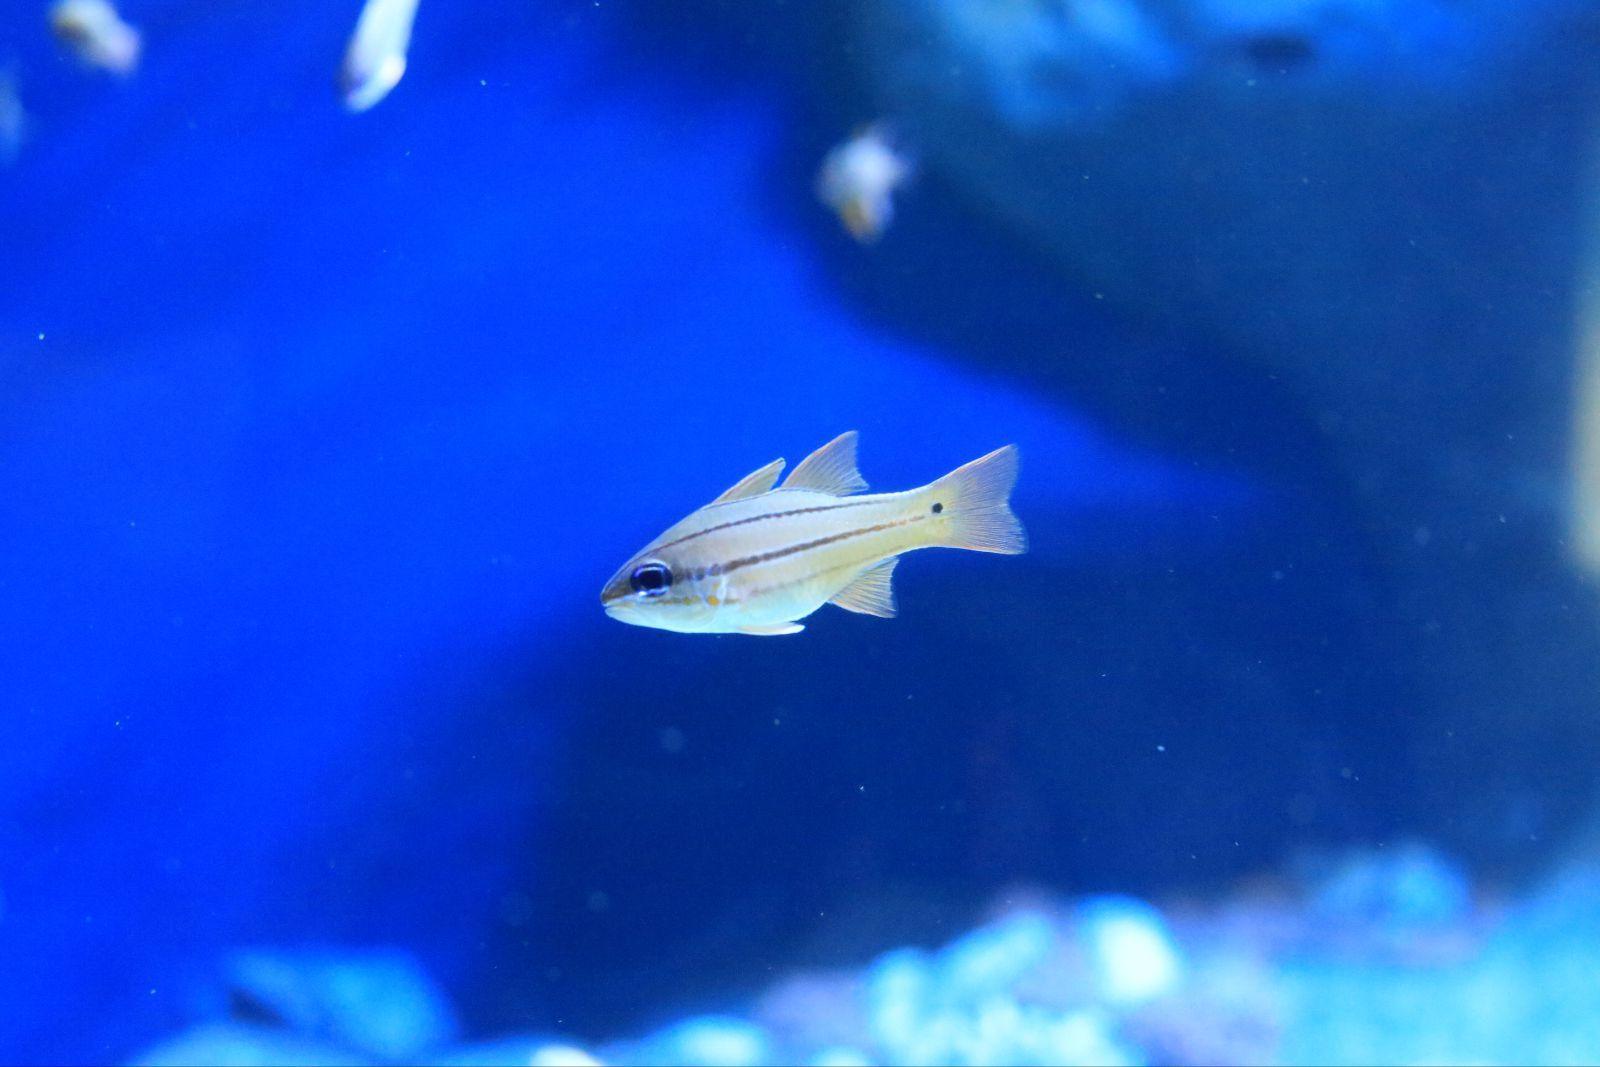 鱼都给我们带来前所未有的视觉体验观景窗旁边还配有显示屏对海洋生物